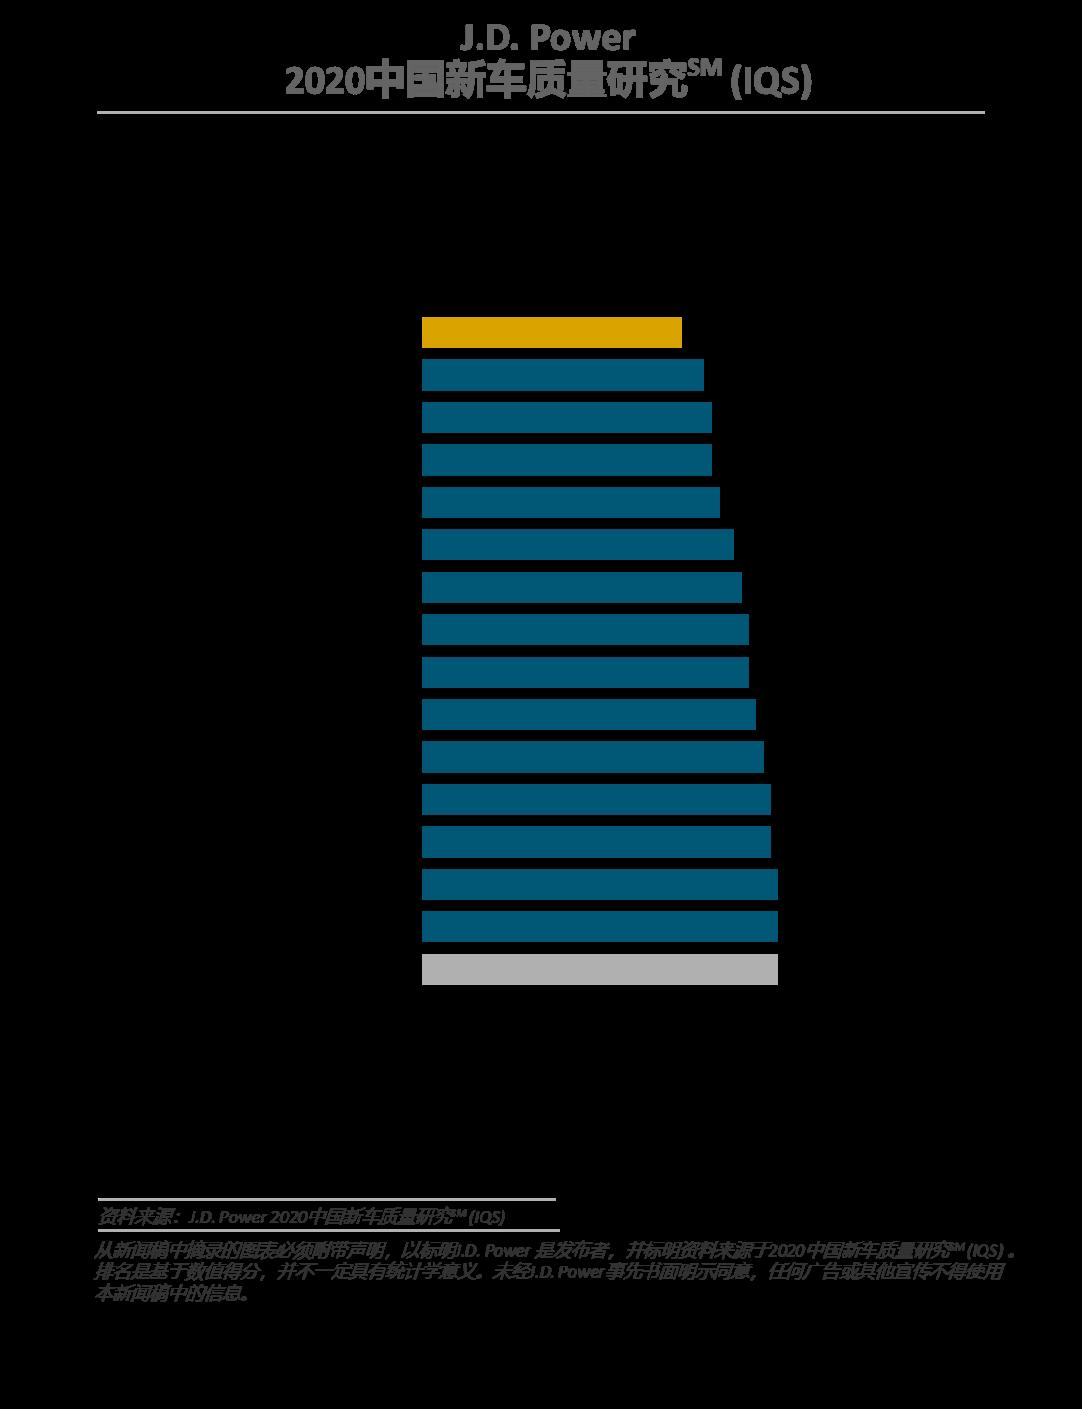 【新闻发布】J.D. Power发布2020中国新车质量研究:四分之一车主因质量或性能好购买自主品牌2825.png